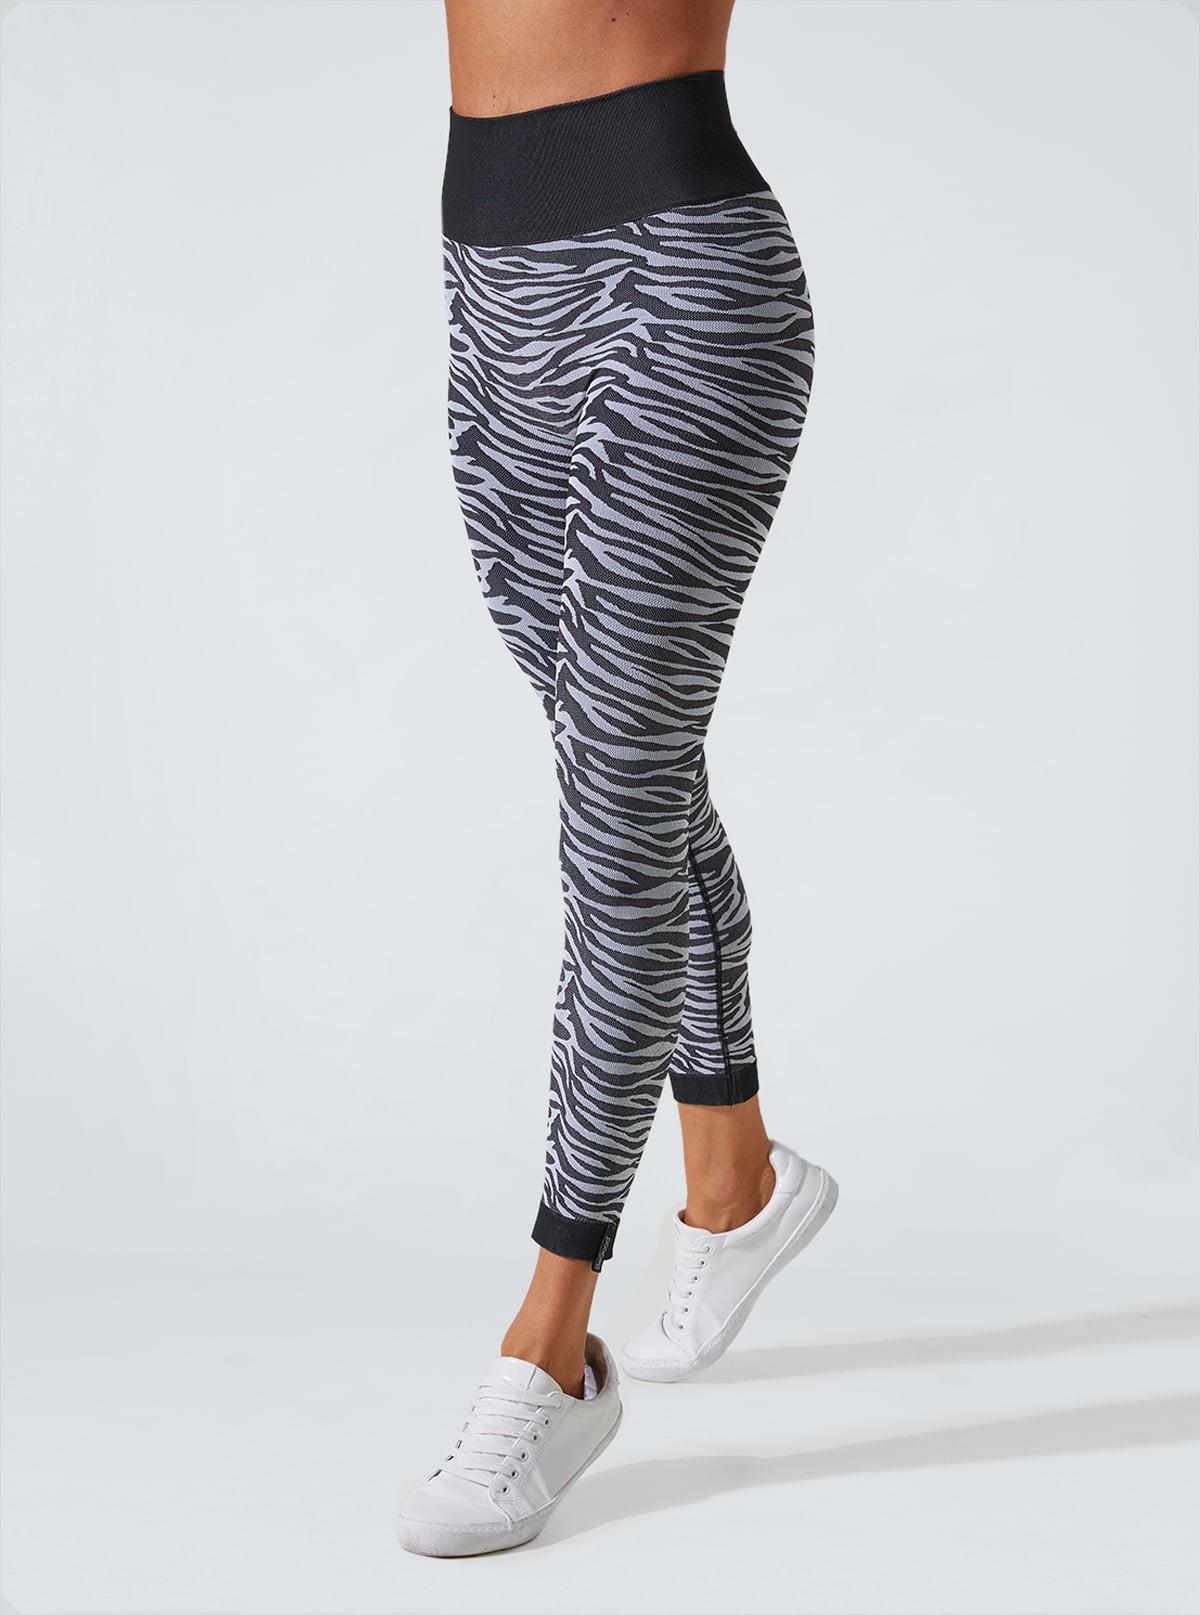 Legging Animalier Zebrato nero-bianco effetto snellente e idratante